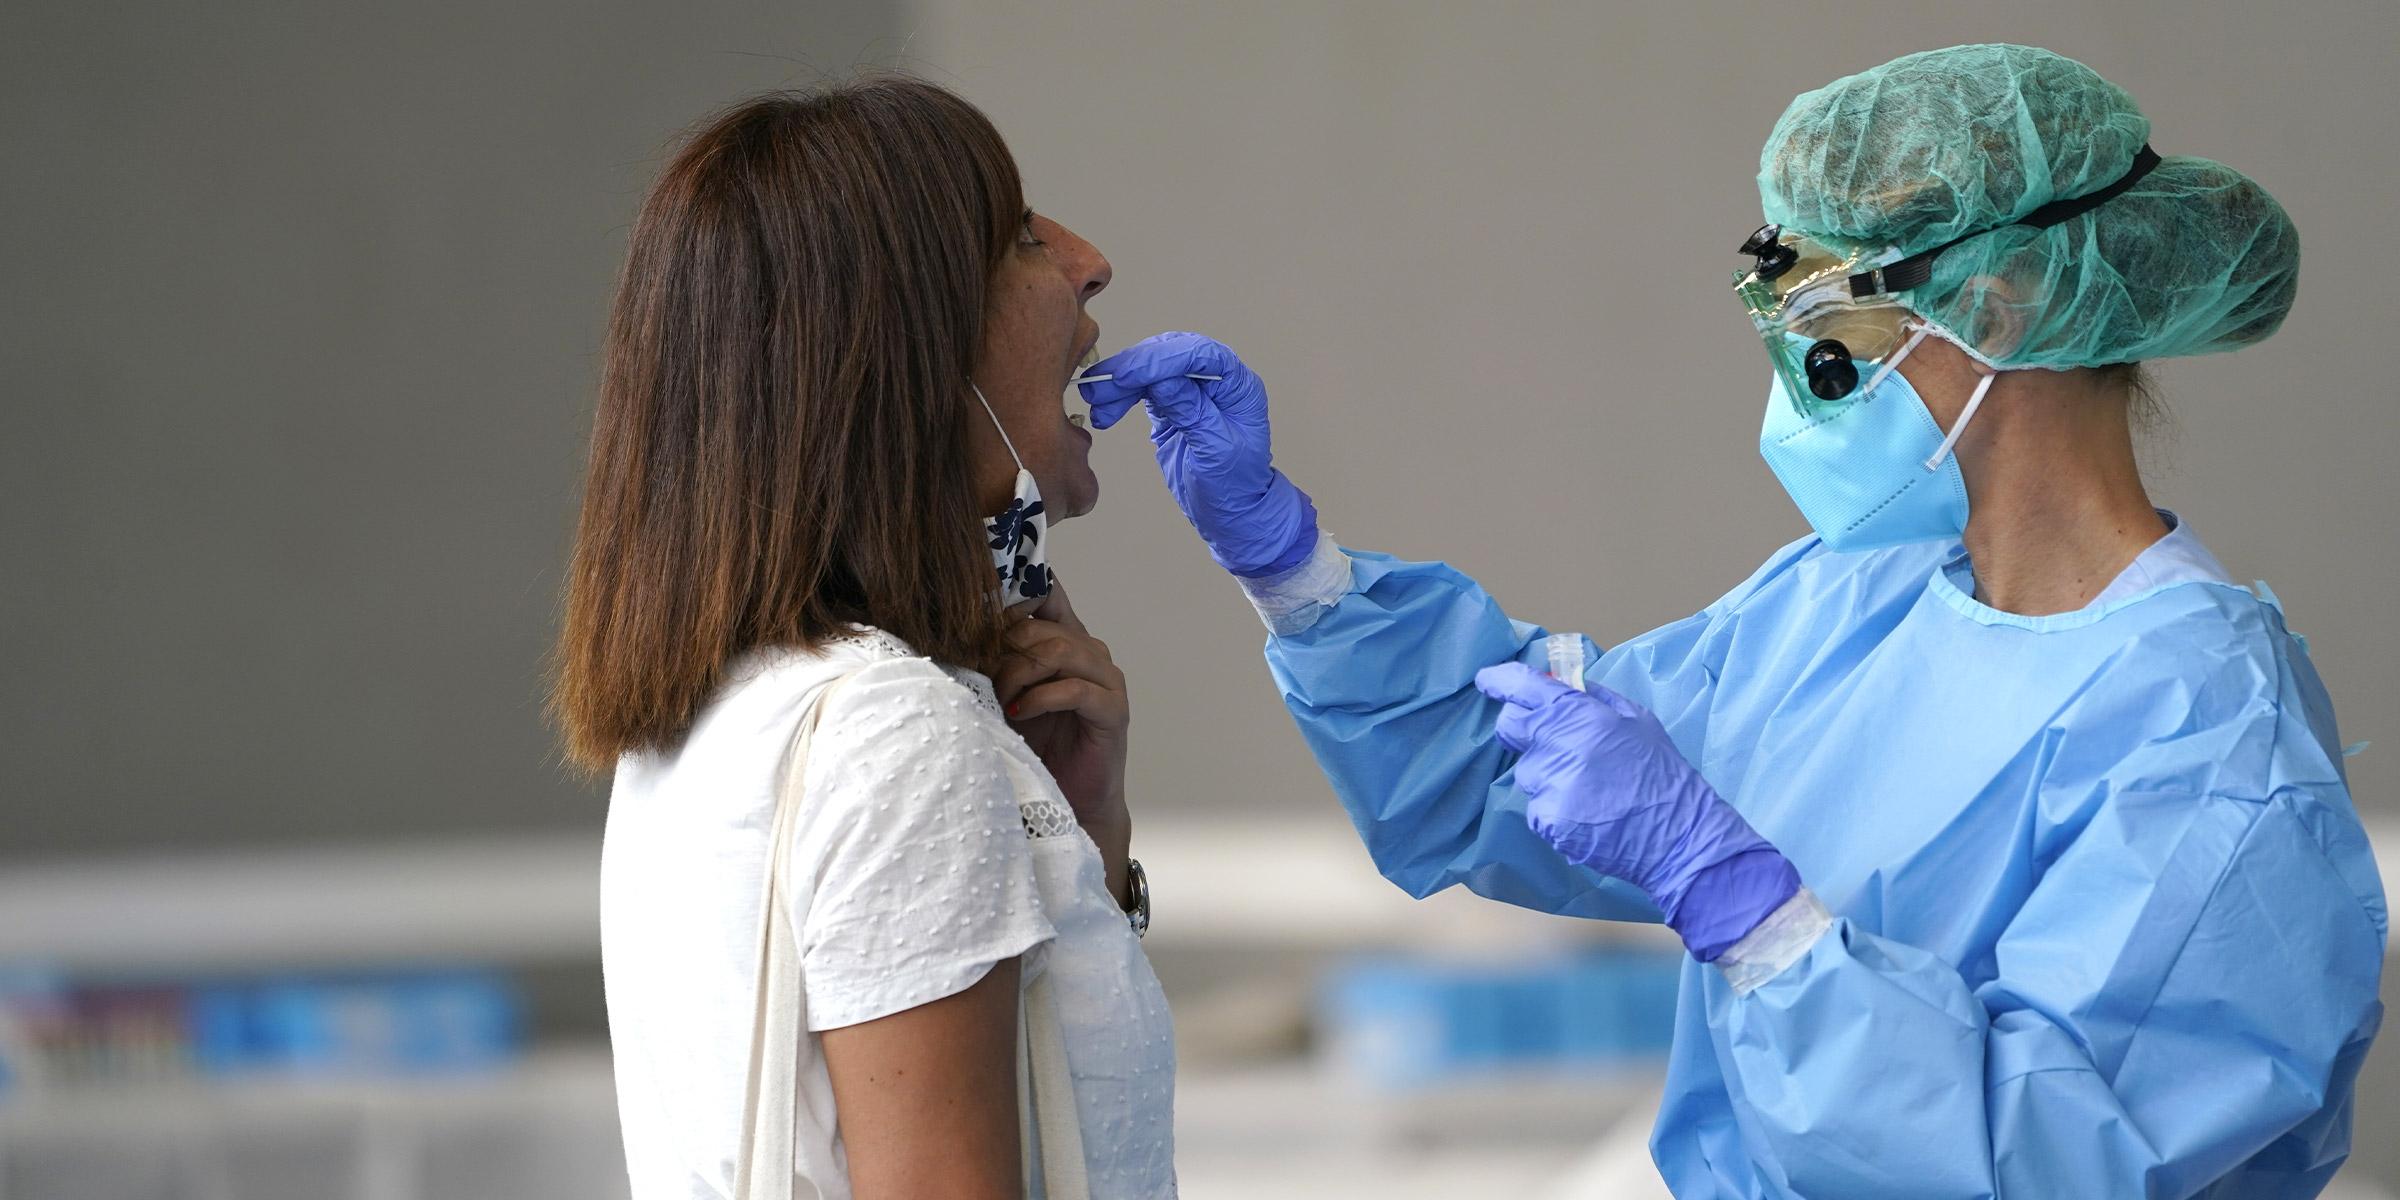 Un trabajador médico administra una prueba de PCR a un residente de la ciudad vasca de Azpeitia, España, en medio de un brote localizado de la enfermedad por coronavirus (COVID-19), el 17 de agosto de 2020. REUTERS / Vincent West